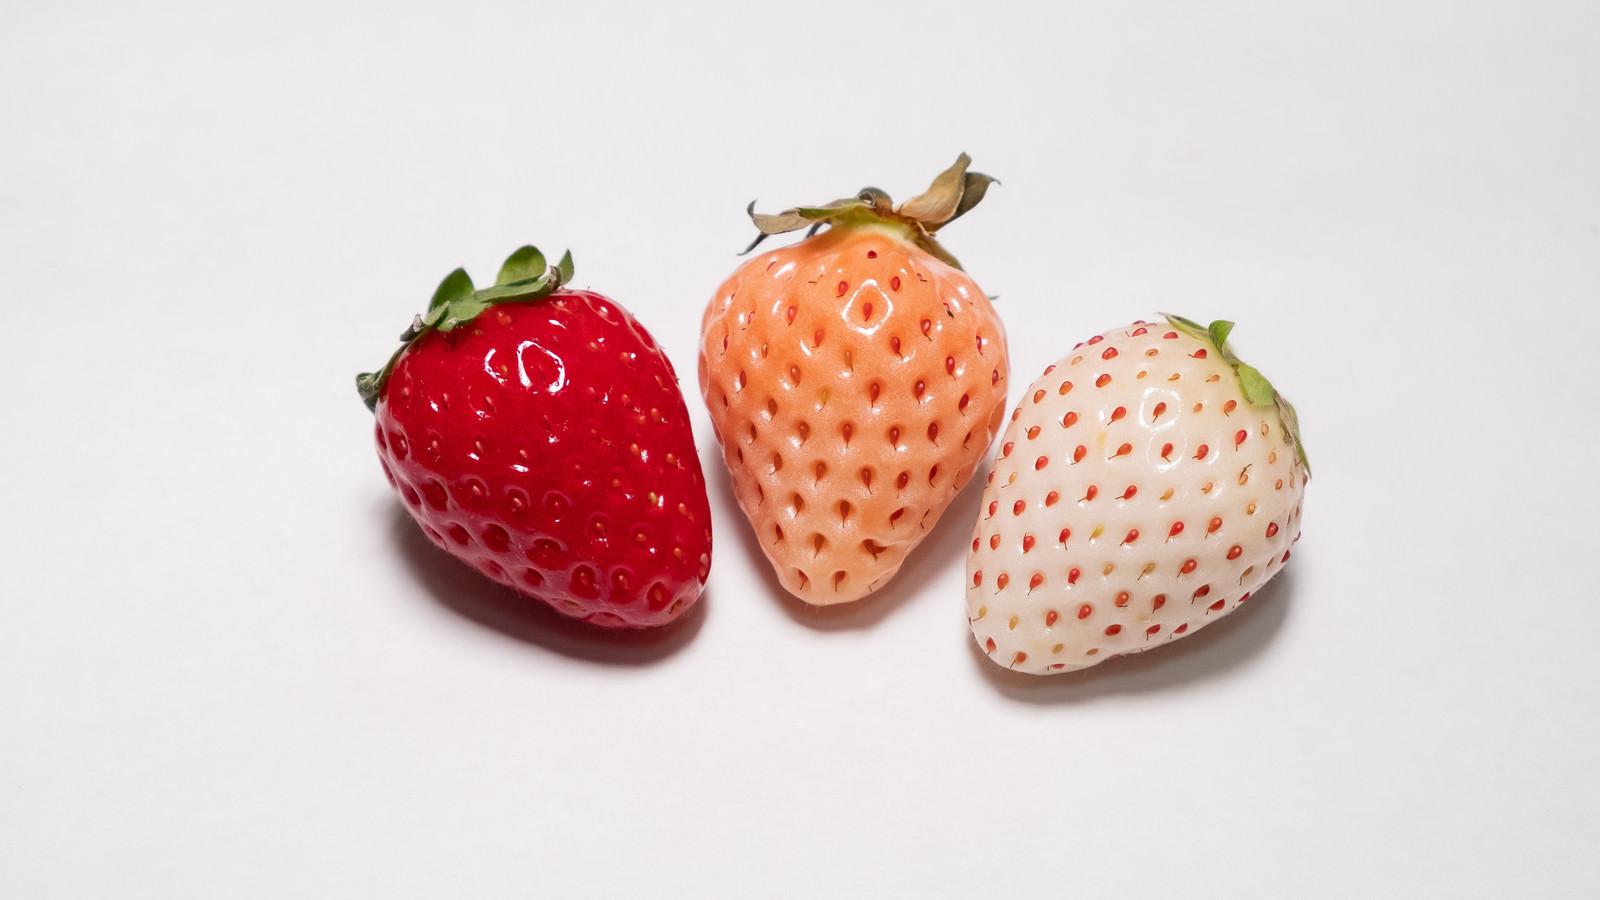 「三種類の色が異なる苺」の写真